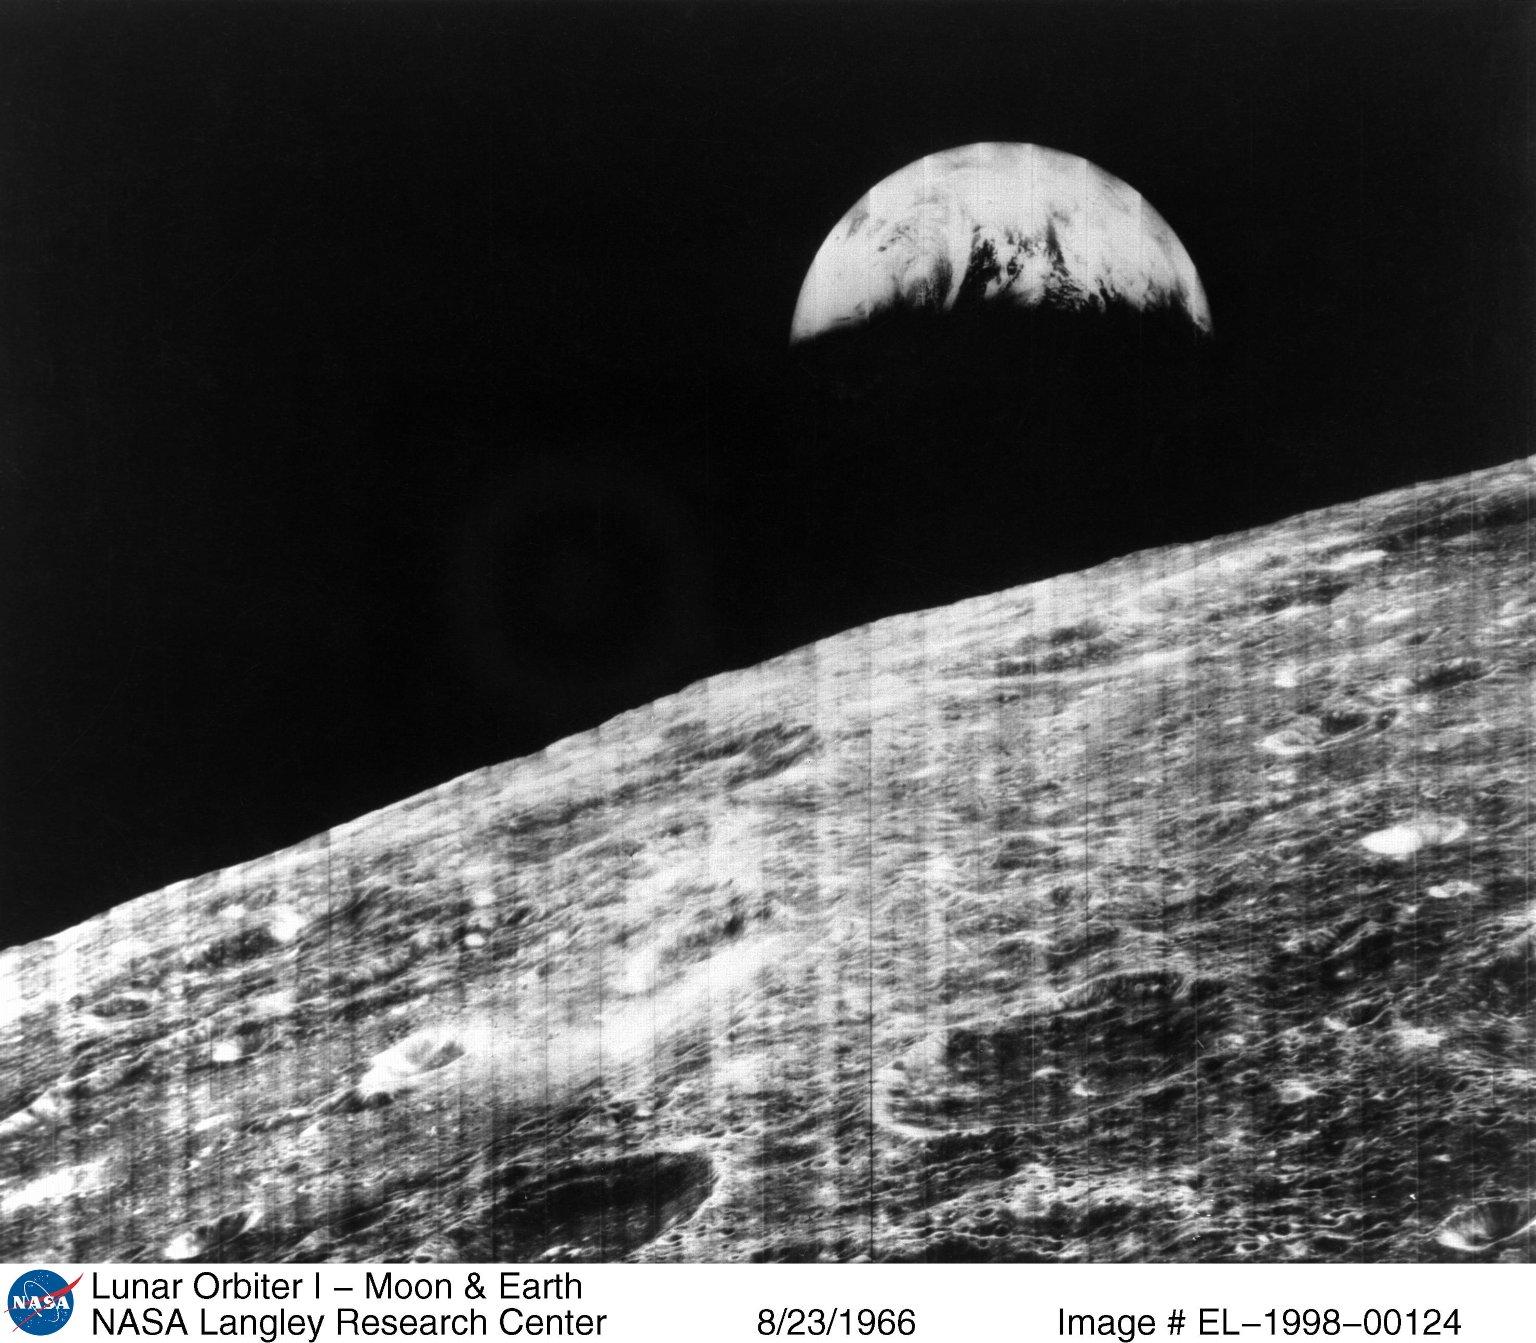 снимки с луны фото